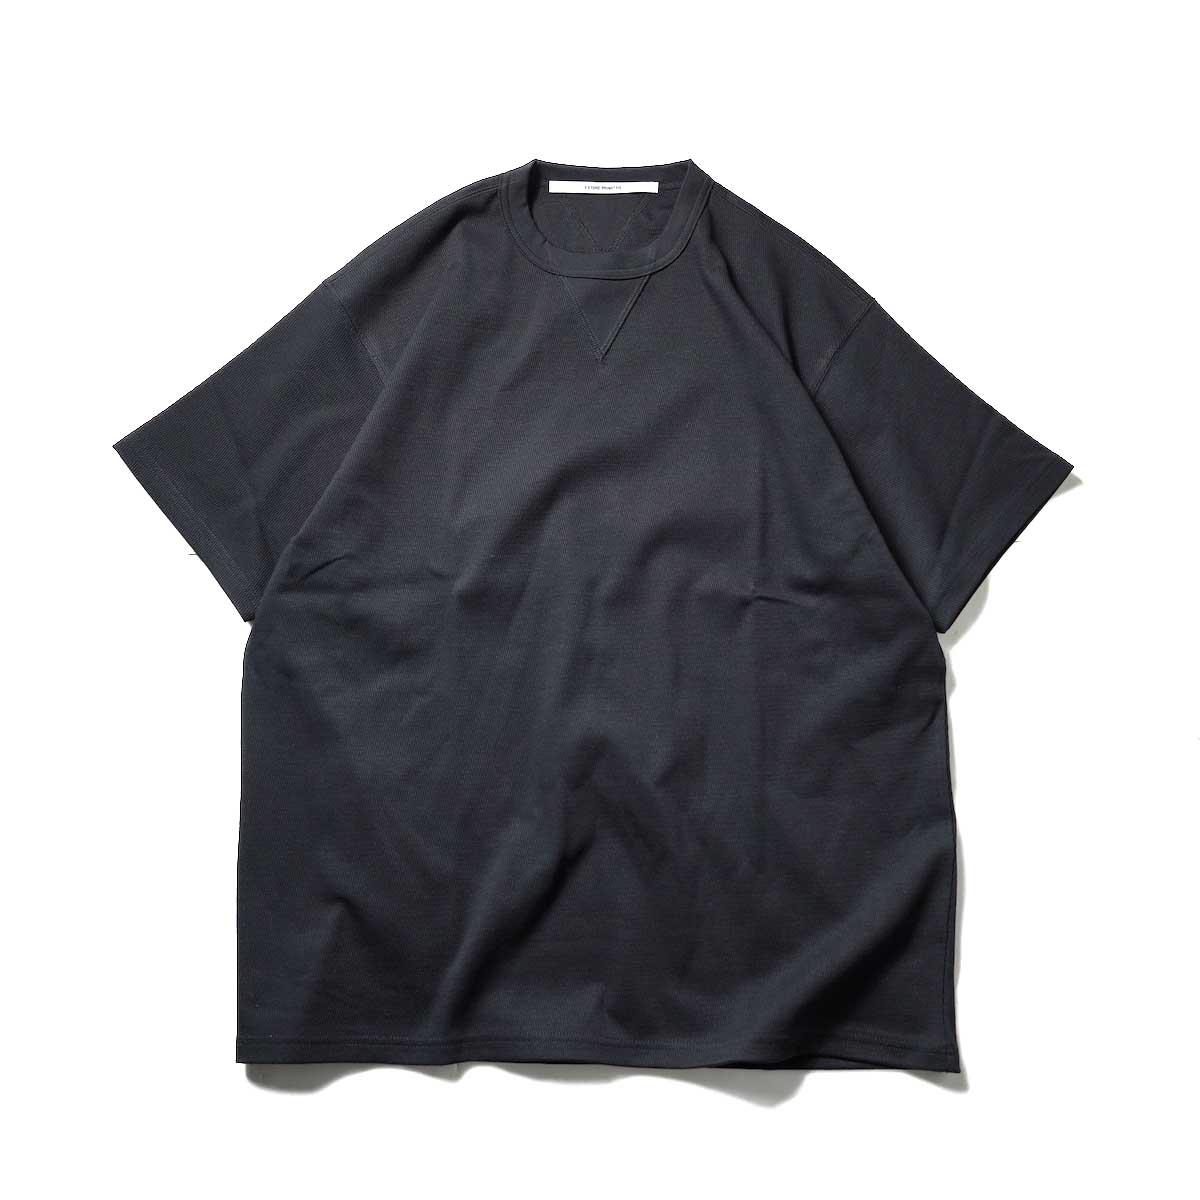 FUTURE PRIMITIVE / FP THERMAL V T-SHIRT (Black)